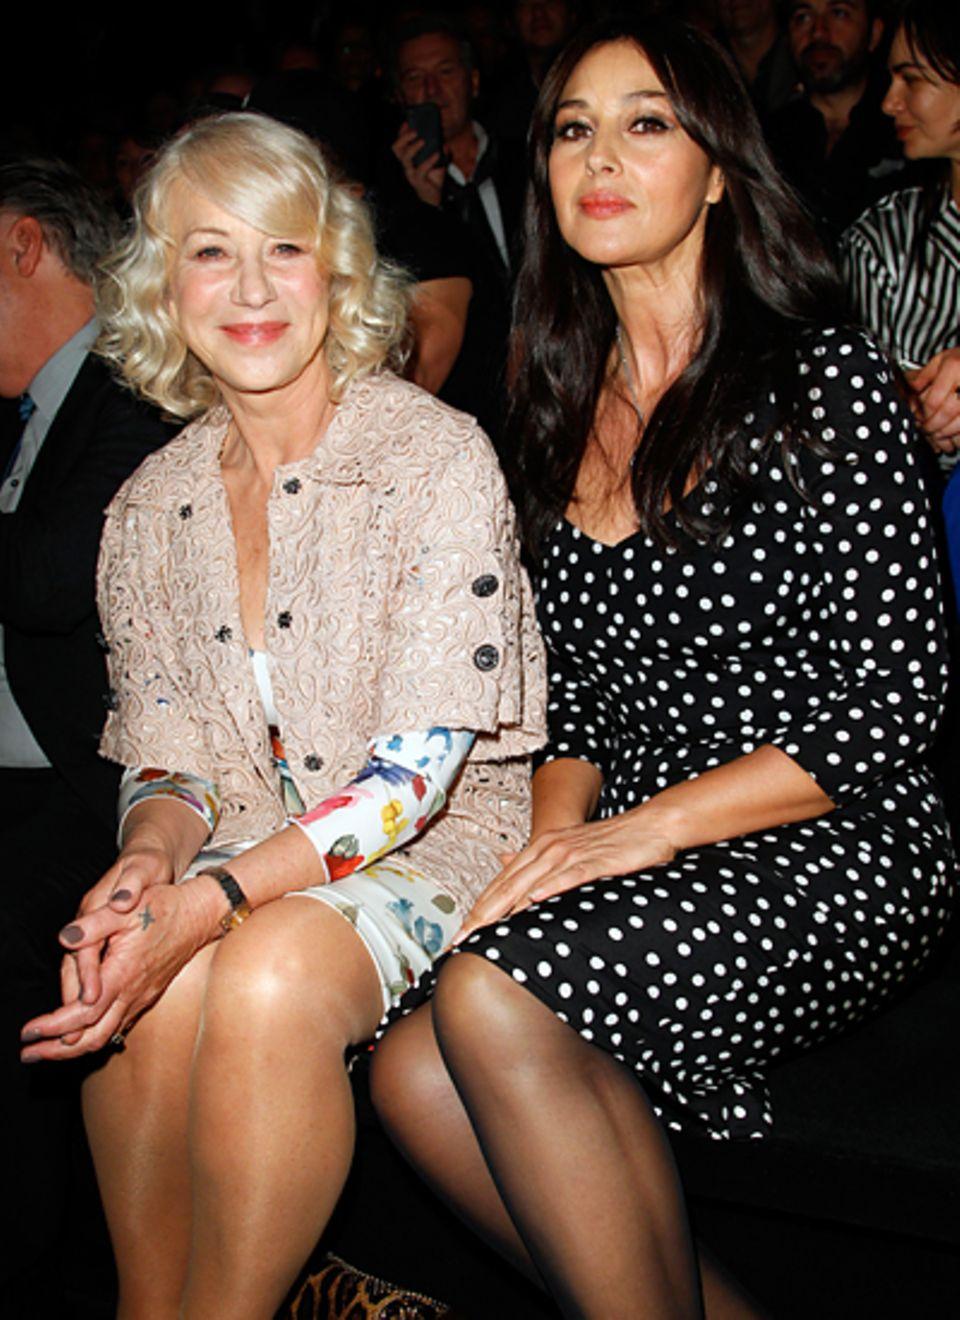 Mailand Fashion Week: Helen Mirren und Monica Bellucci sehen sich gemeinsam die Show von Dolce & Gabbana an.